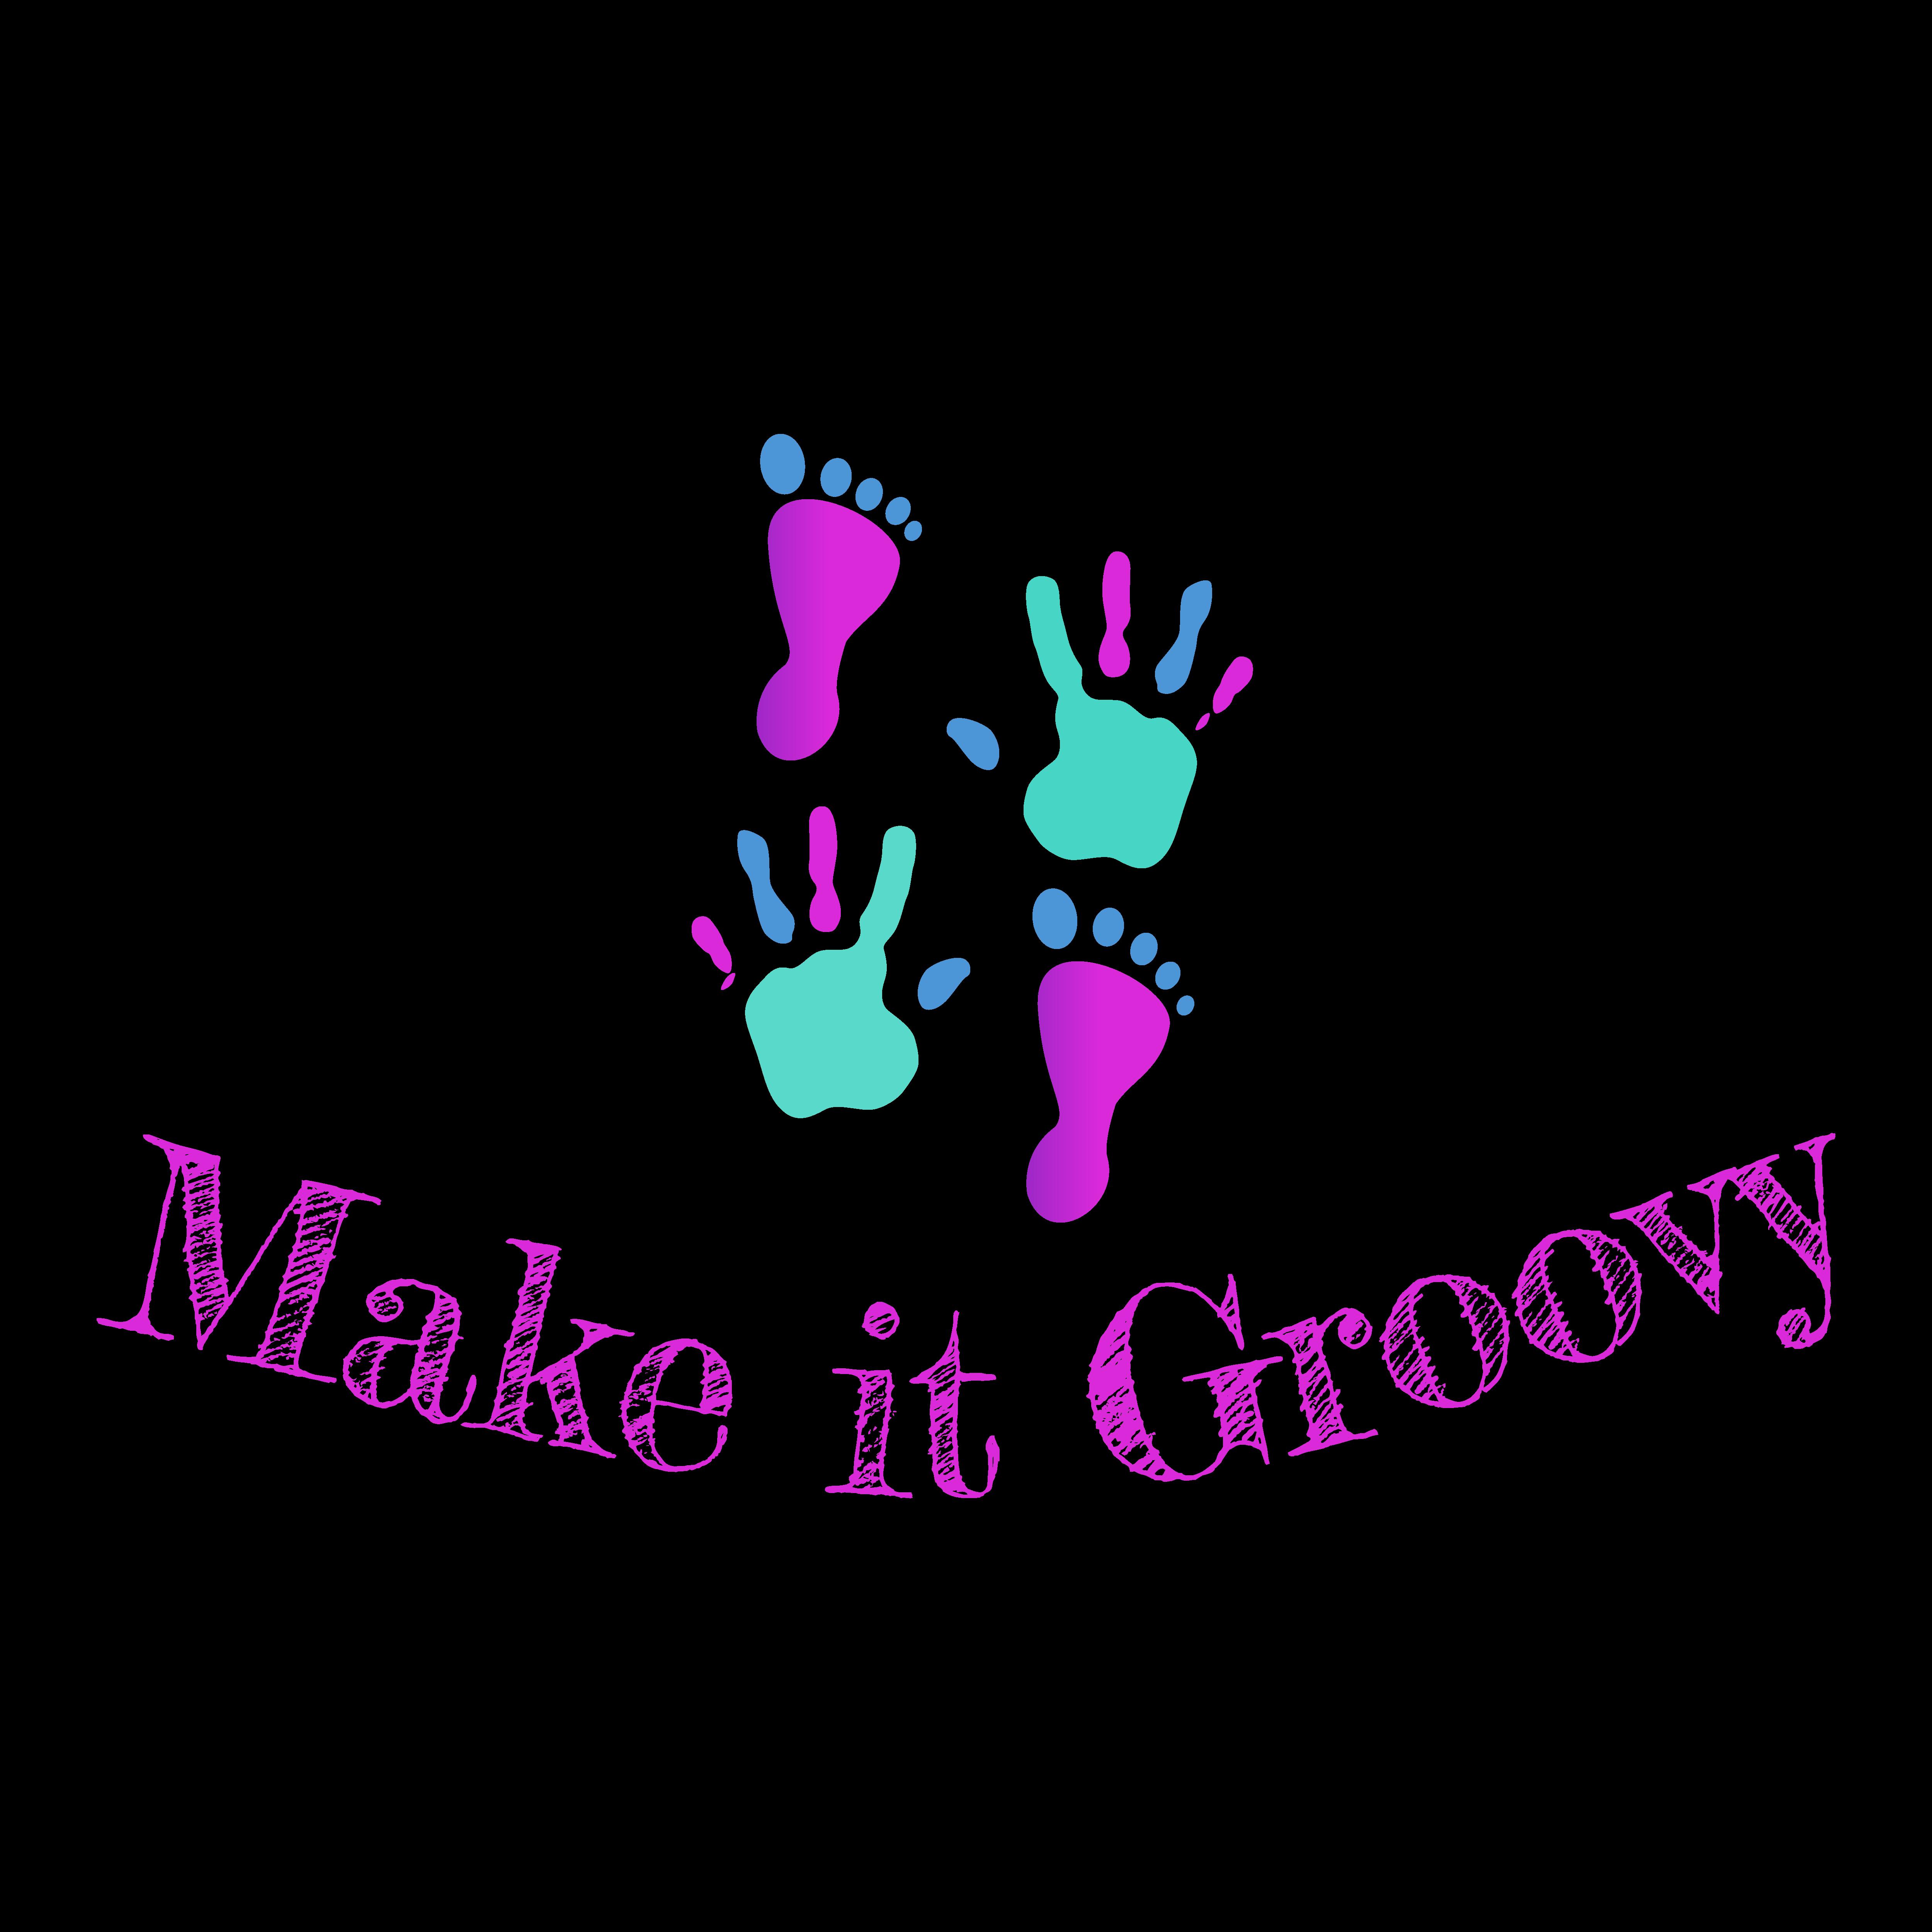 Make it Groovy's logo